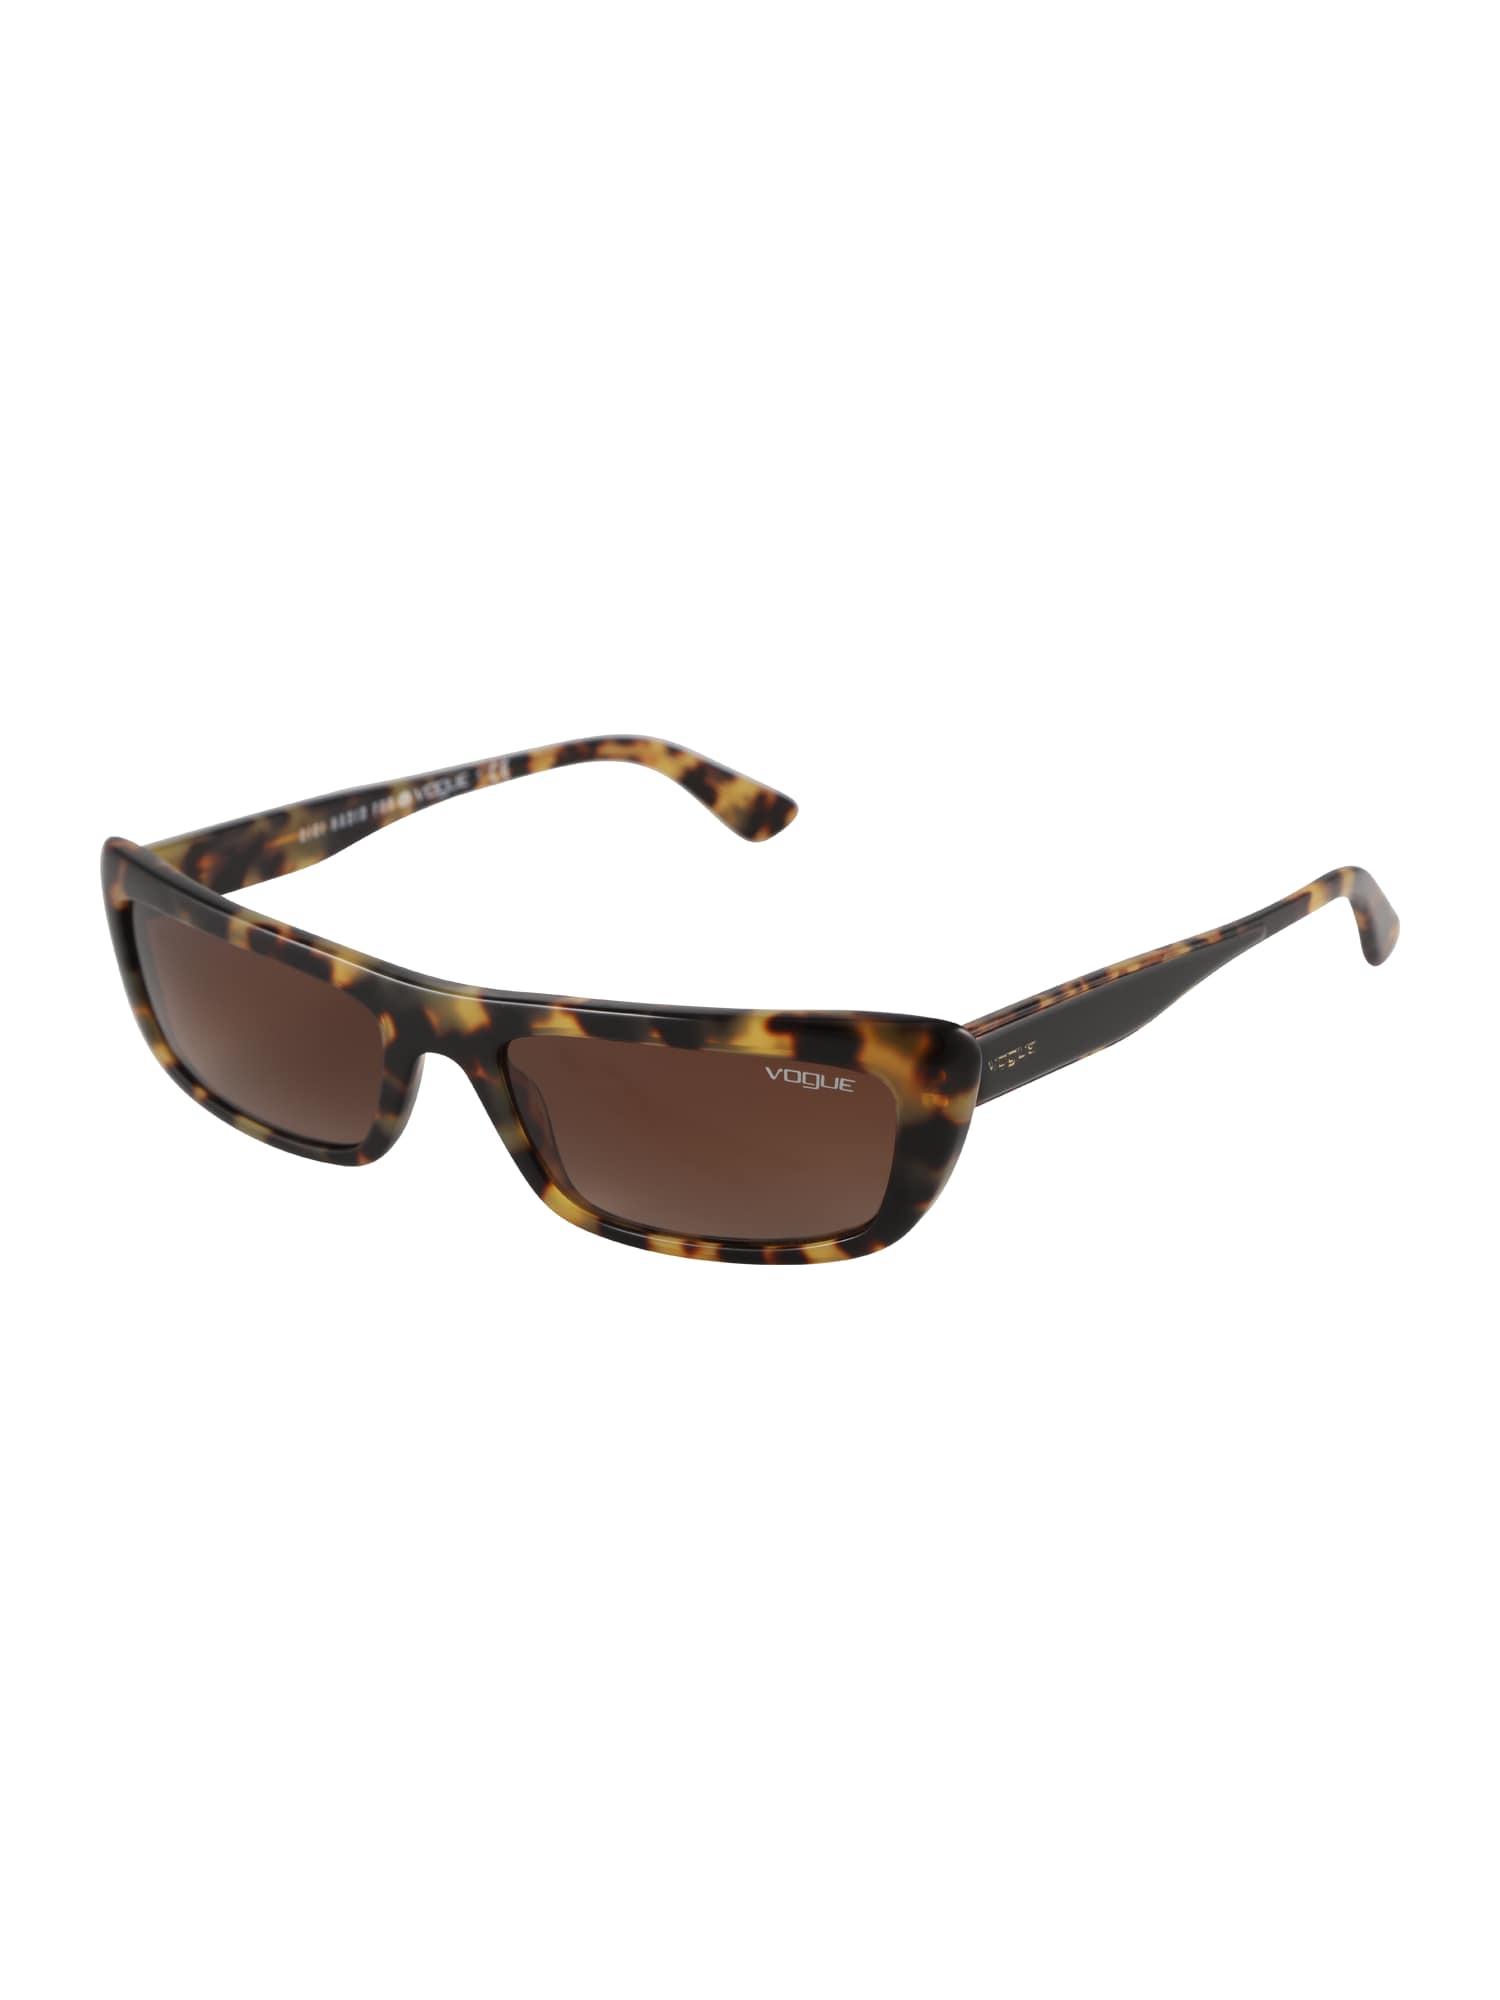 Sluneční brýle BELLA hnědá žlutá VOGUE Eyewear